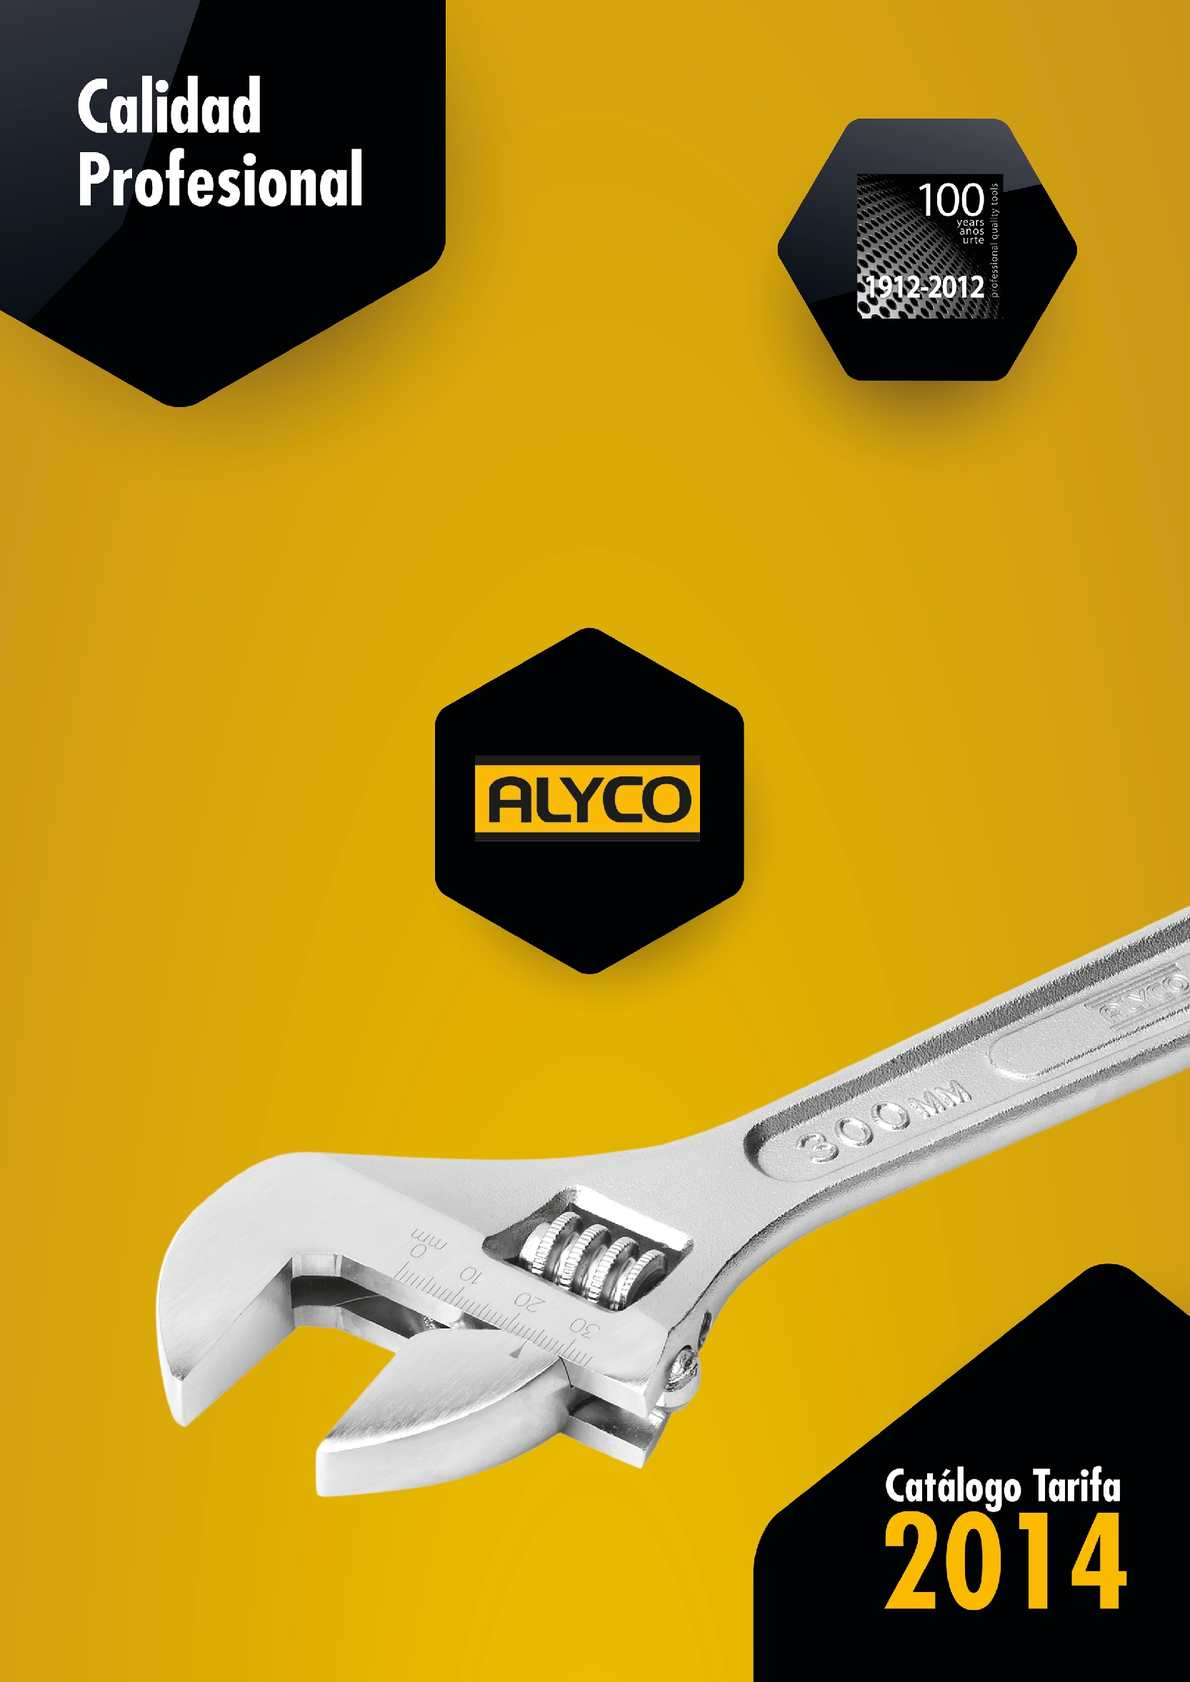 Cuchilla recambio cortatubos para tubos de acero Alyco 111536